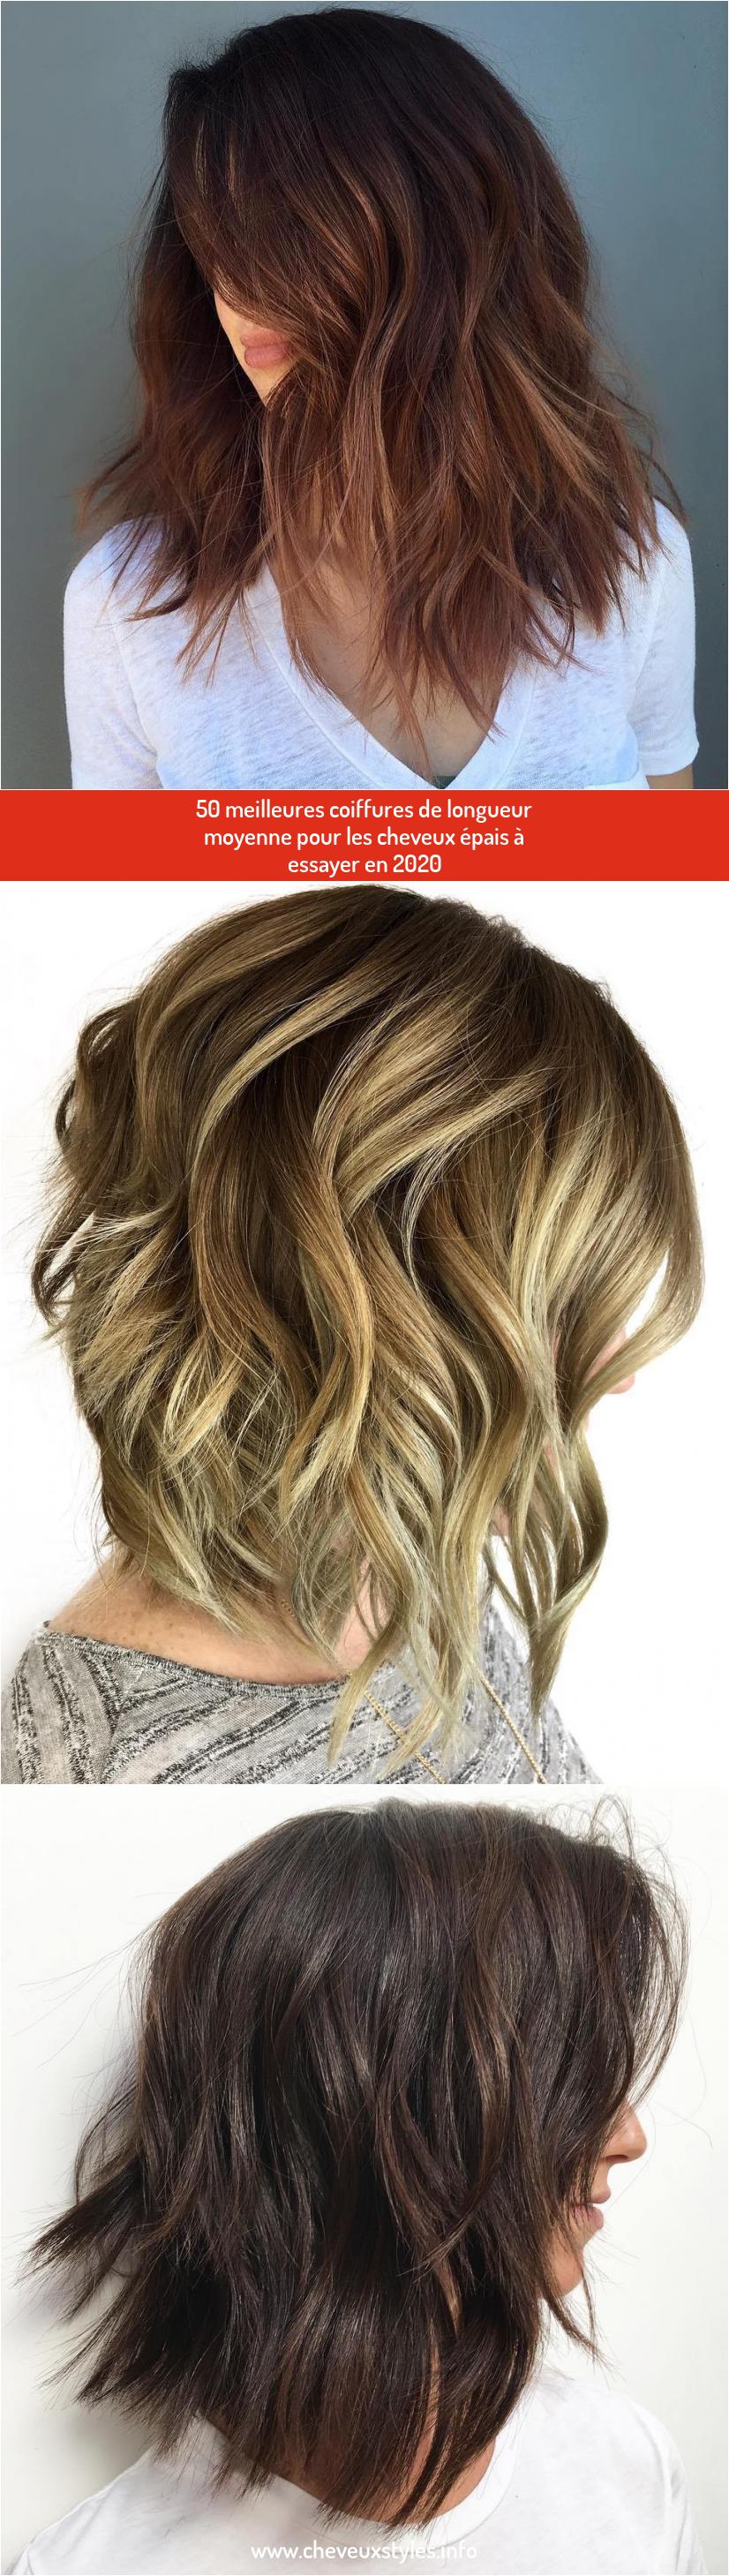 50 Meilleures Coiffures De Longueur Moyenne Pour Les Cheveux Epais A Essayer En 2020 Coiffures De Longueur Moyenne Style De Cheveux Cheveux Epais